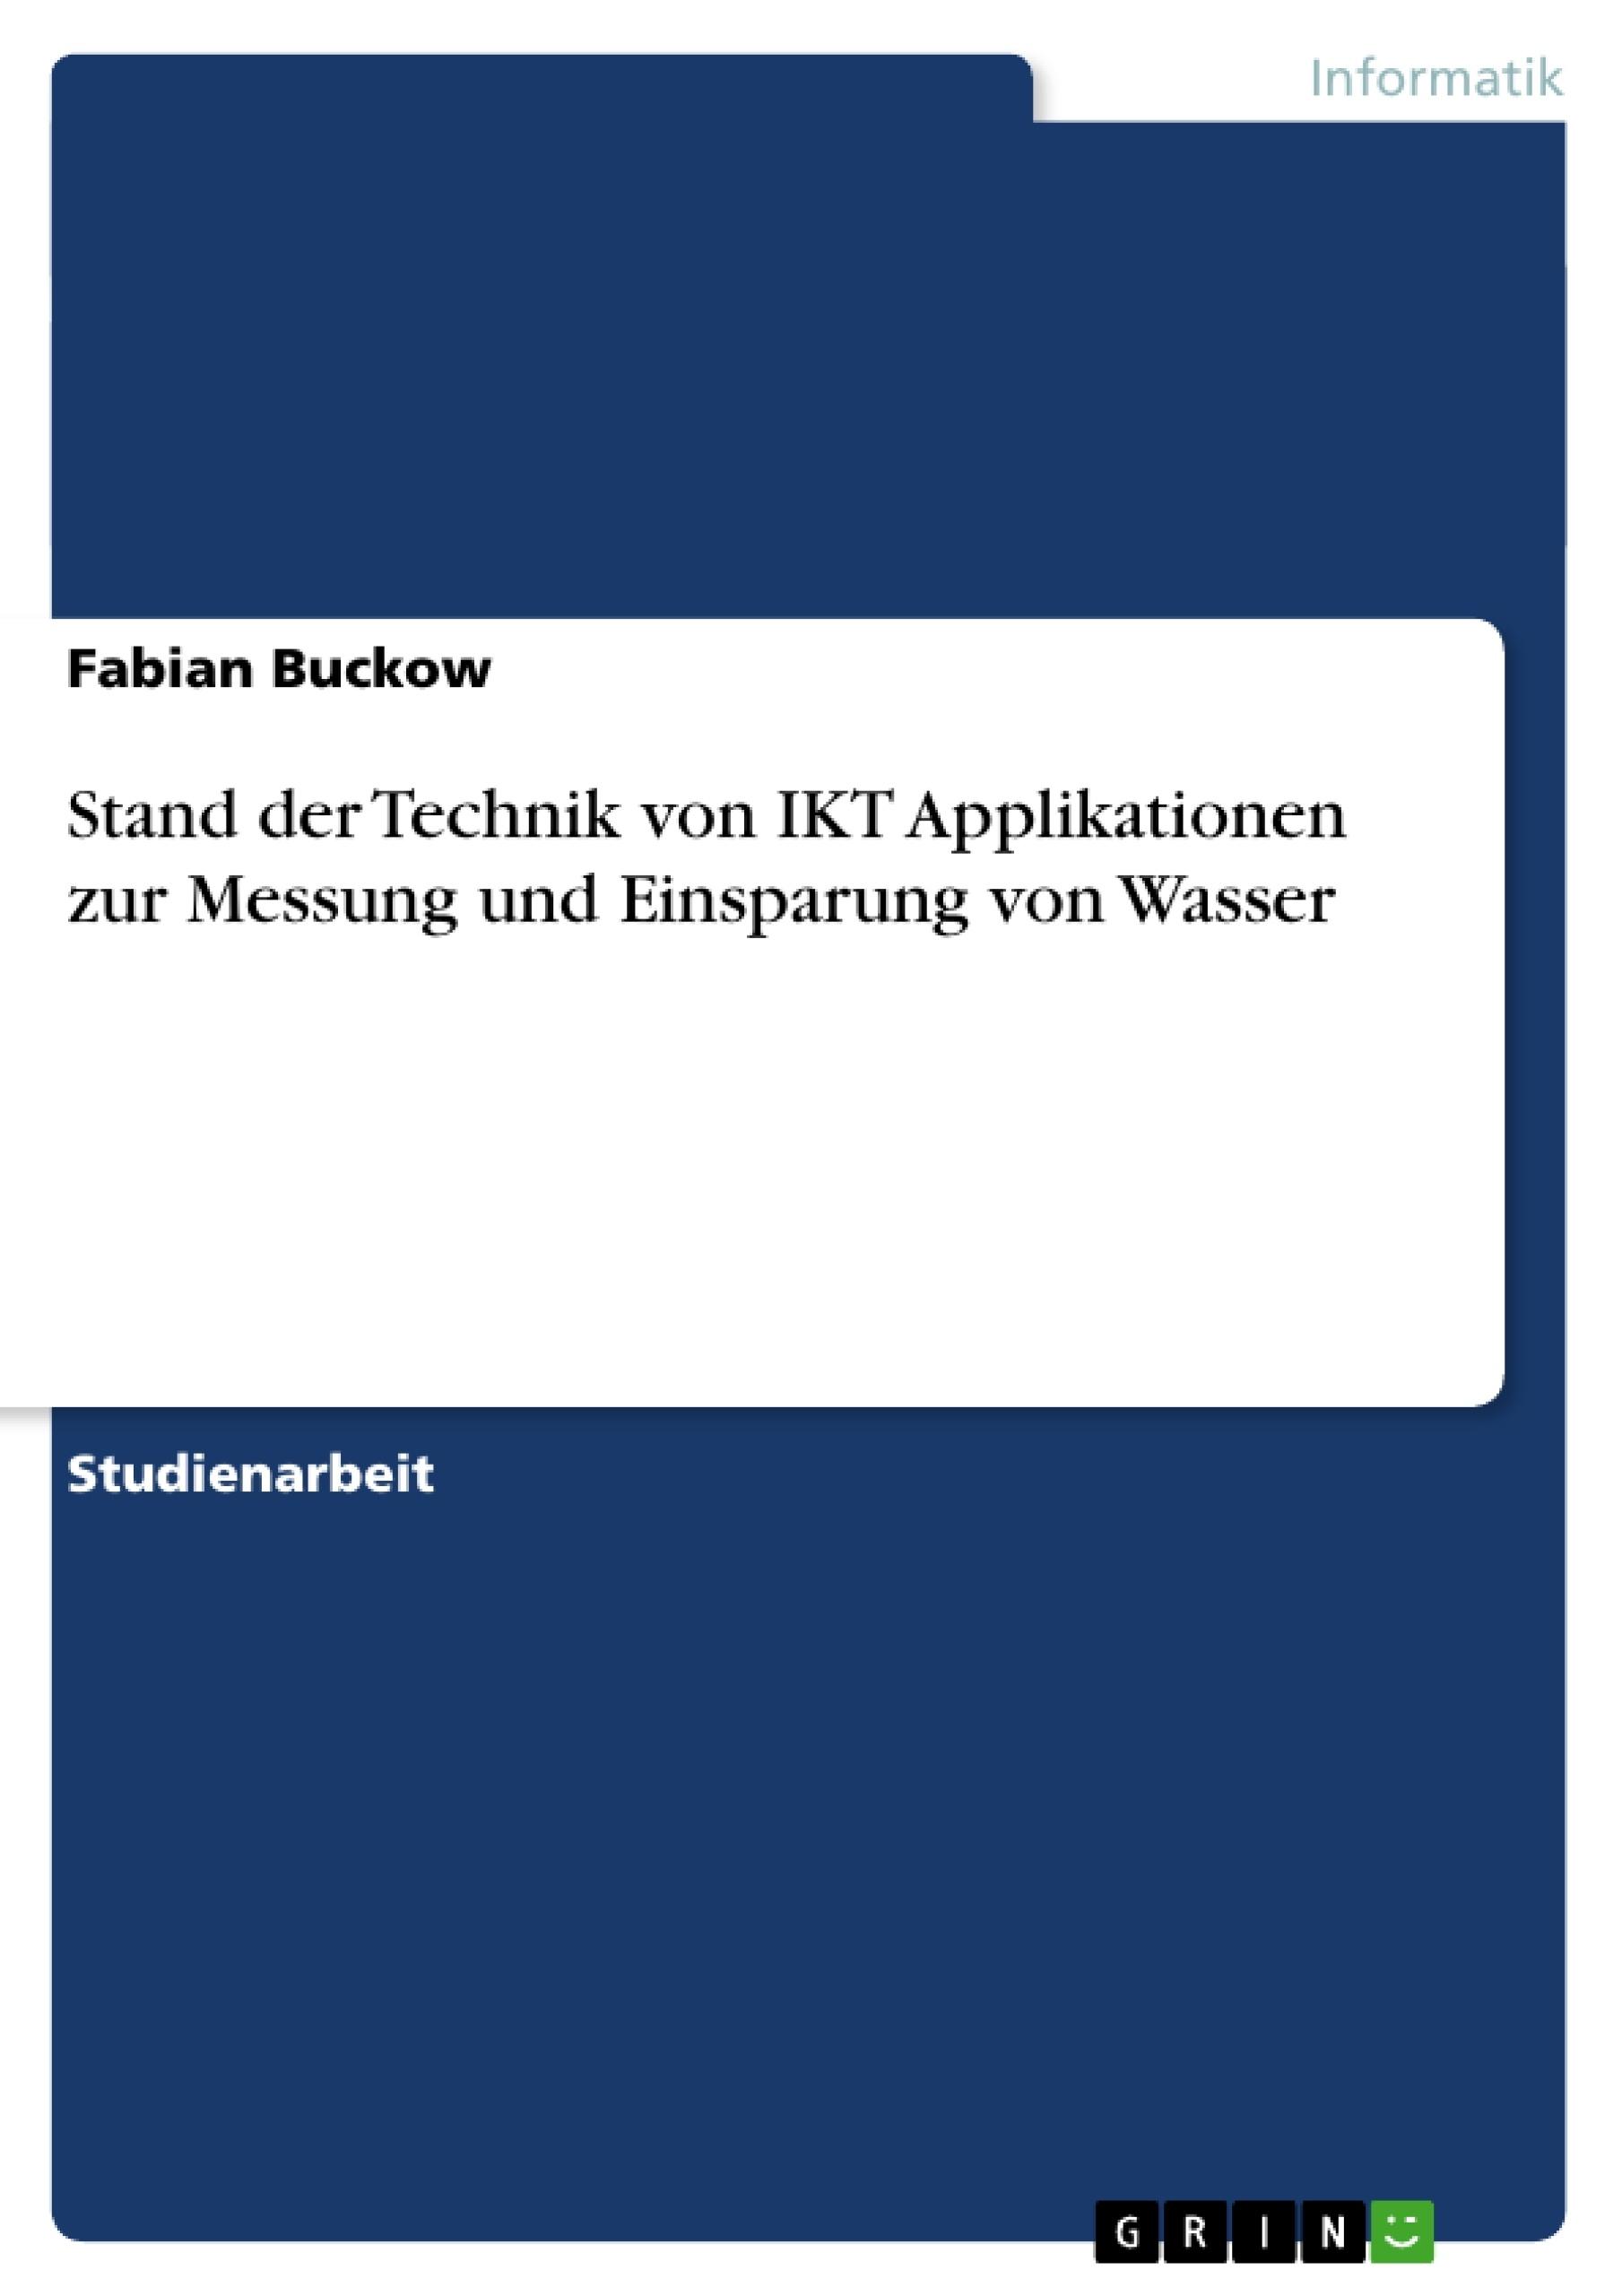 Titel: Stand der Technik von IKT Applikationen zur Messung und Einsparung von Wasser